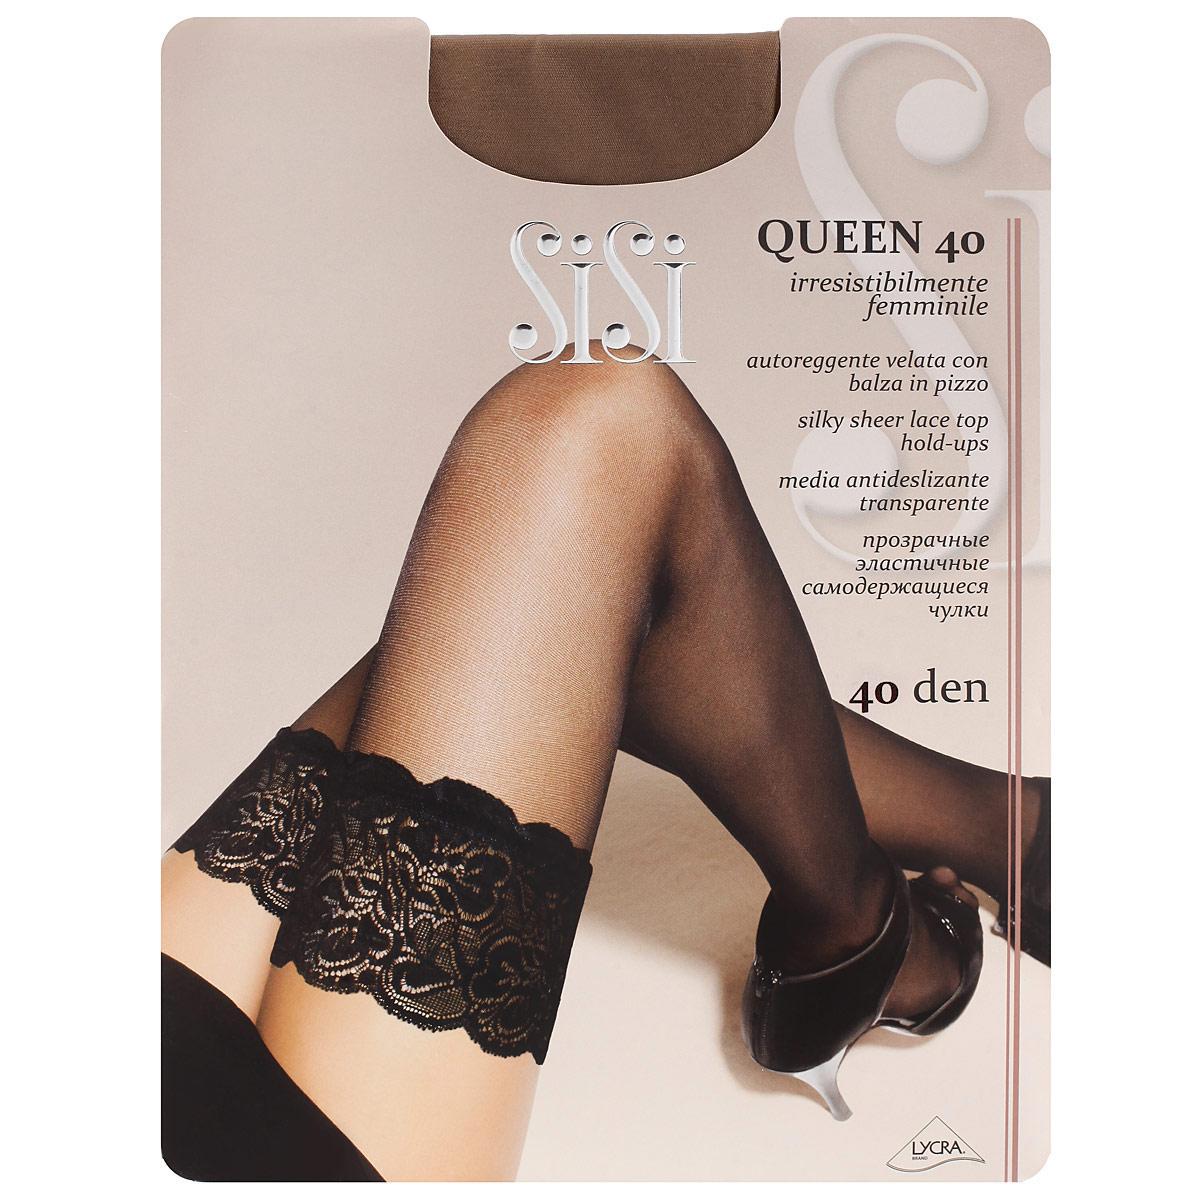 Чулки женские Sisi Queen 40, цвет: загар. SSP-001868. Размер 2Queen 40_DainoТонкие чулки Sisi Queen 40 с фиксирующей резинкой на силиконовой основе и незаметным усиленным носком.